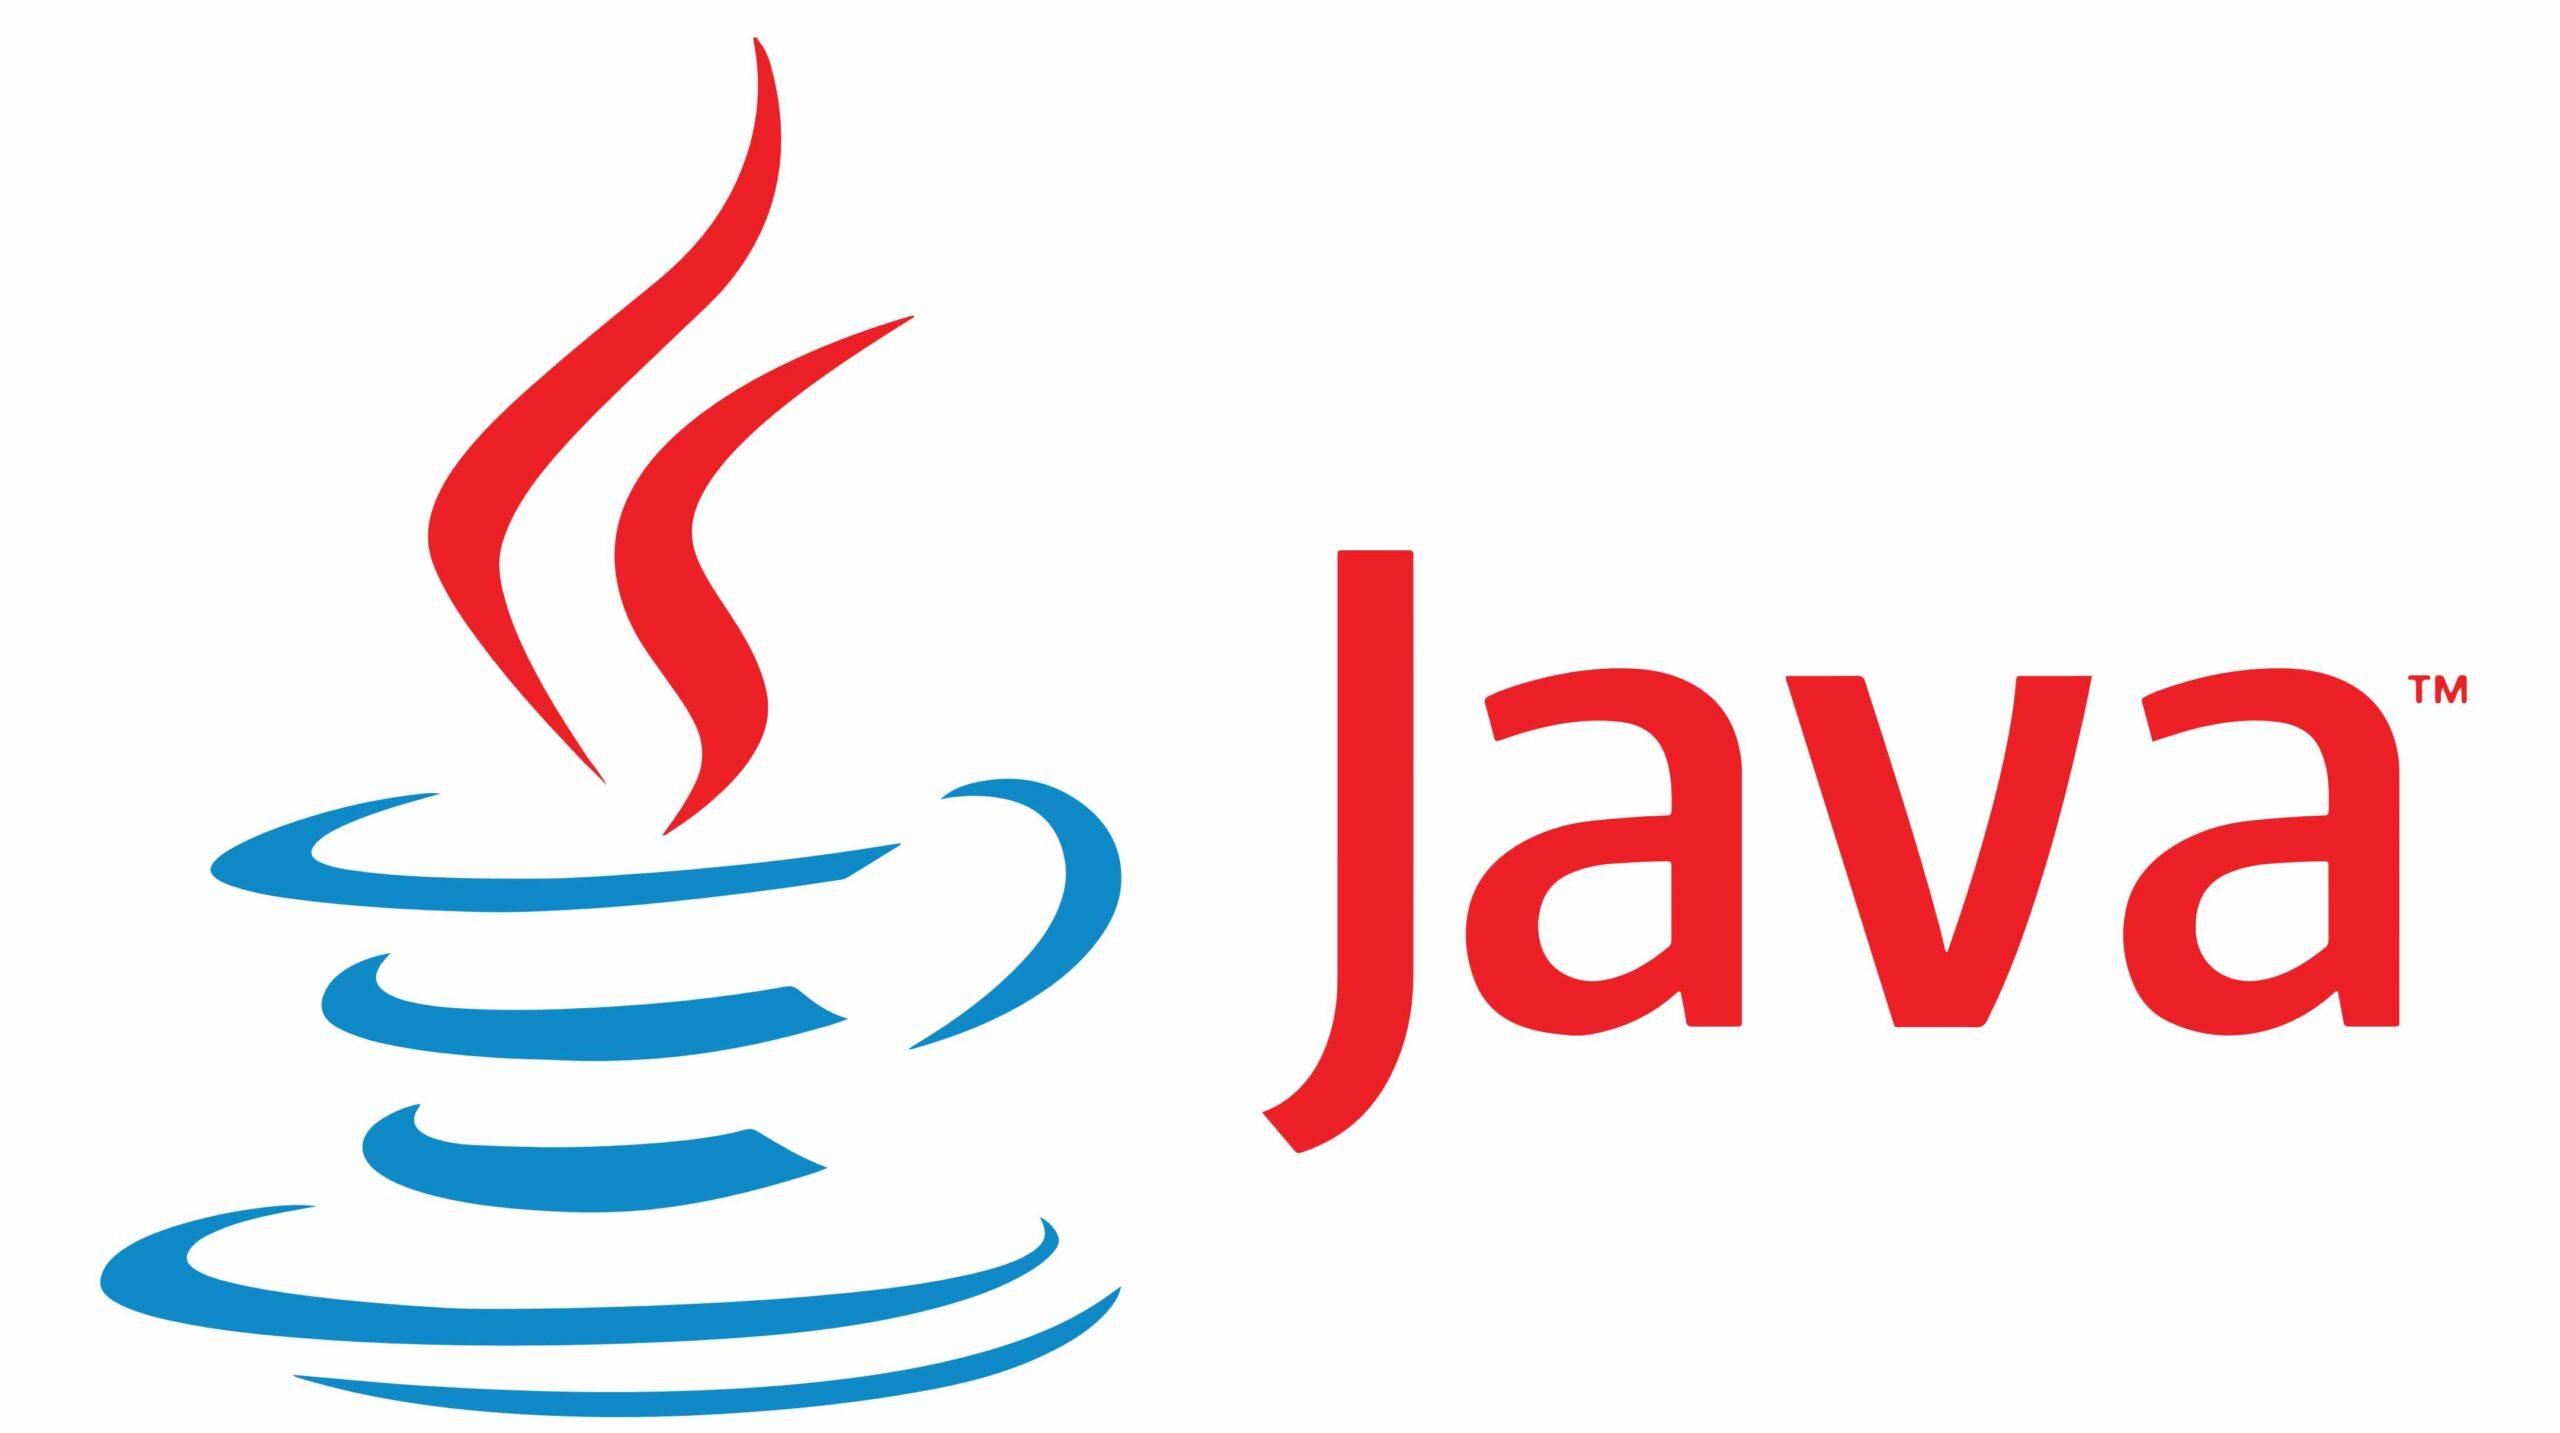 File Handling in Java